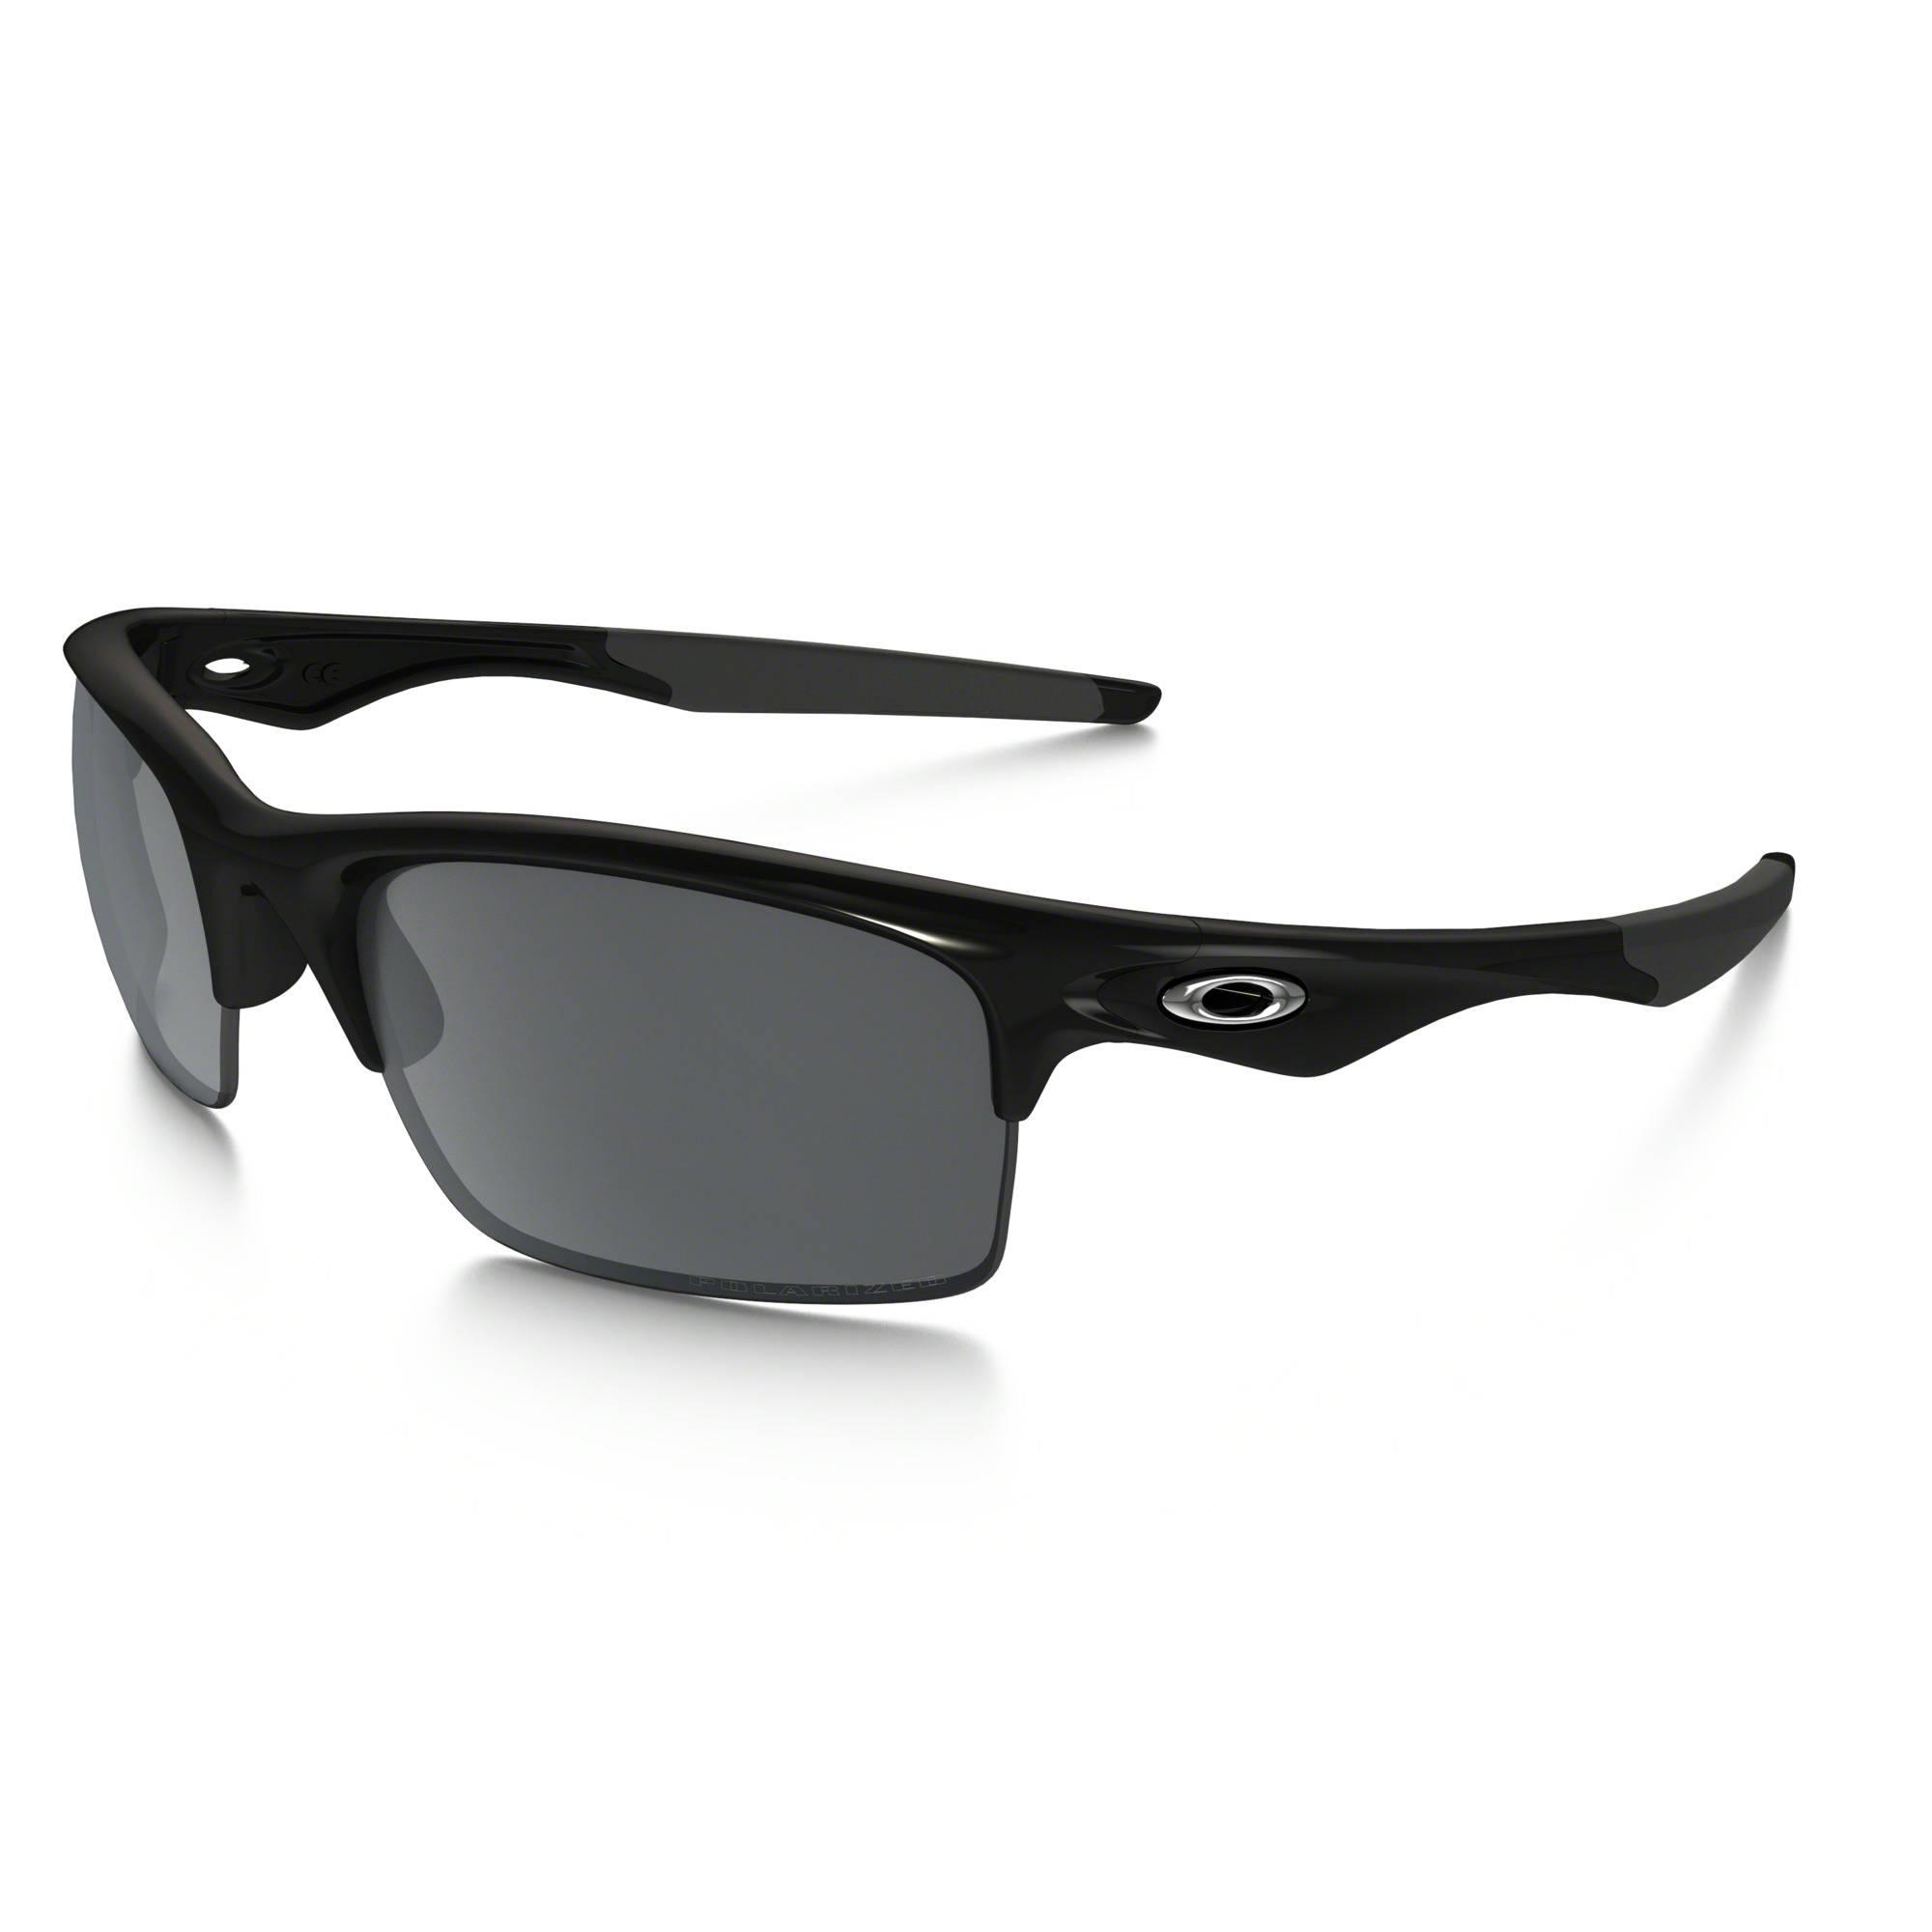 8634b39bcd Oakley Polarized Bottle Rocket Sunglasses 0OO9164-91640162 B H